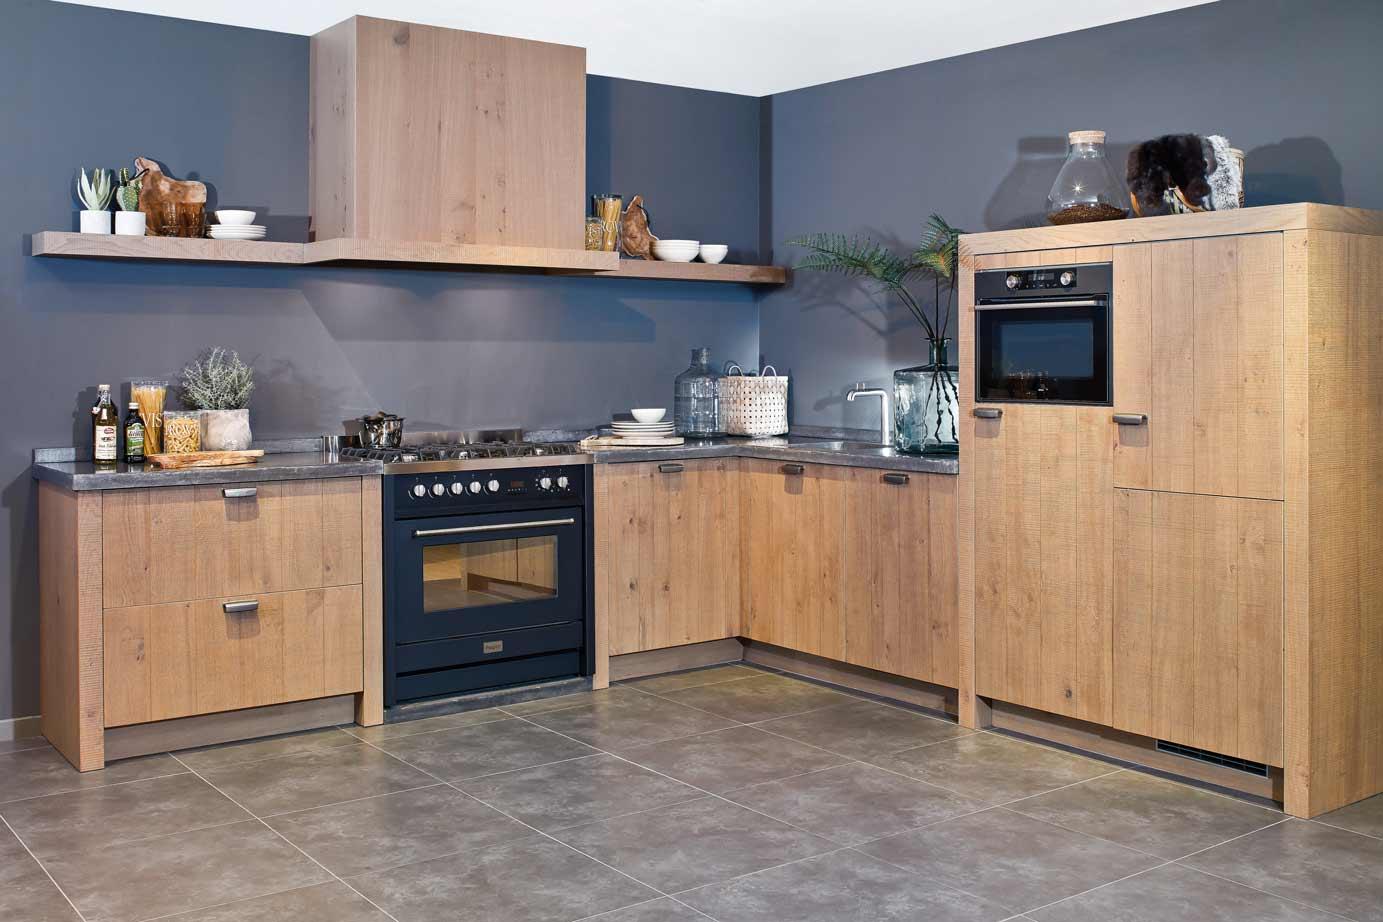 Keukens alkmaar topservice keur keukens haarlem db keukens